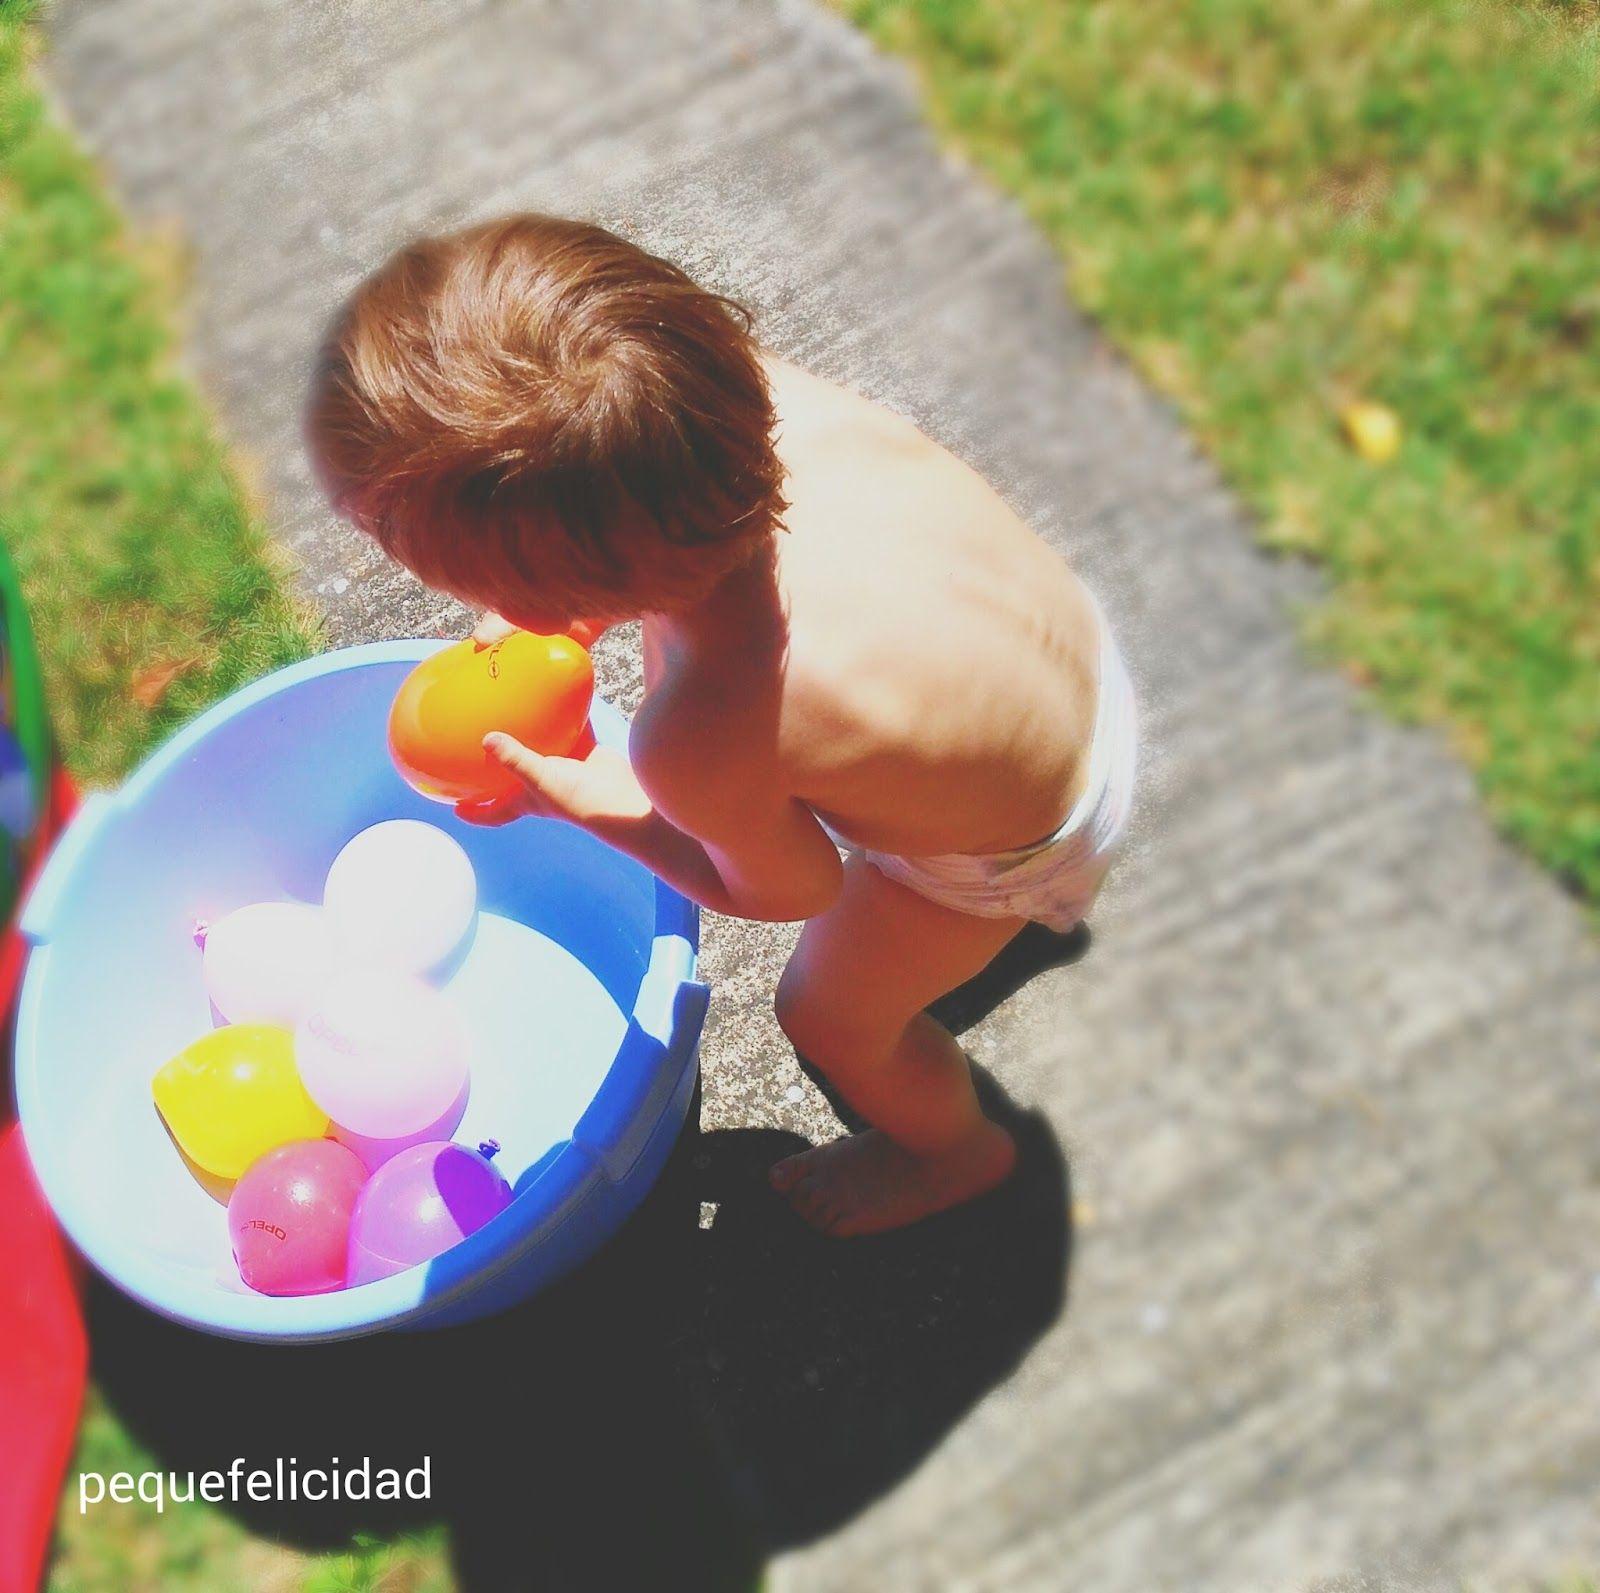 Pequefelicidad 10 juegos con agua para ni os de 1 a 2 a os juegos ega pinterest 10 juegos for Juegos de jardin para nios puebla